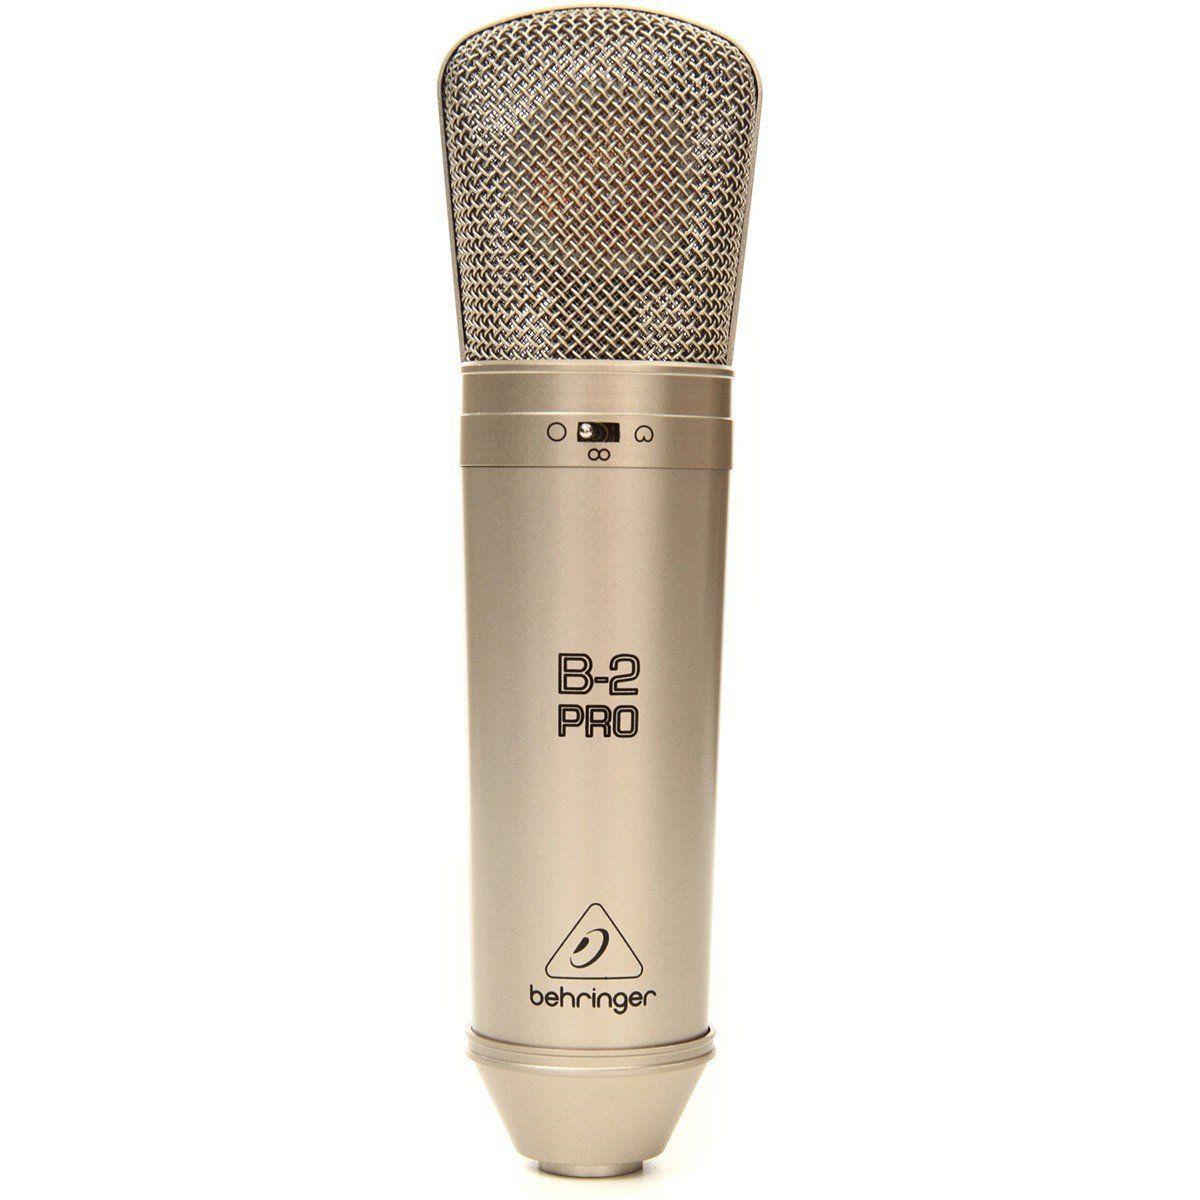 Behringer B2 Pro Microfone Condensador Behringer B-2 Pro Membrana Dupla